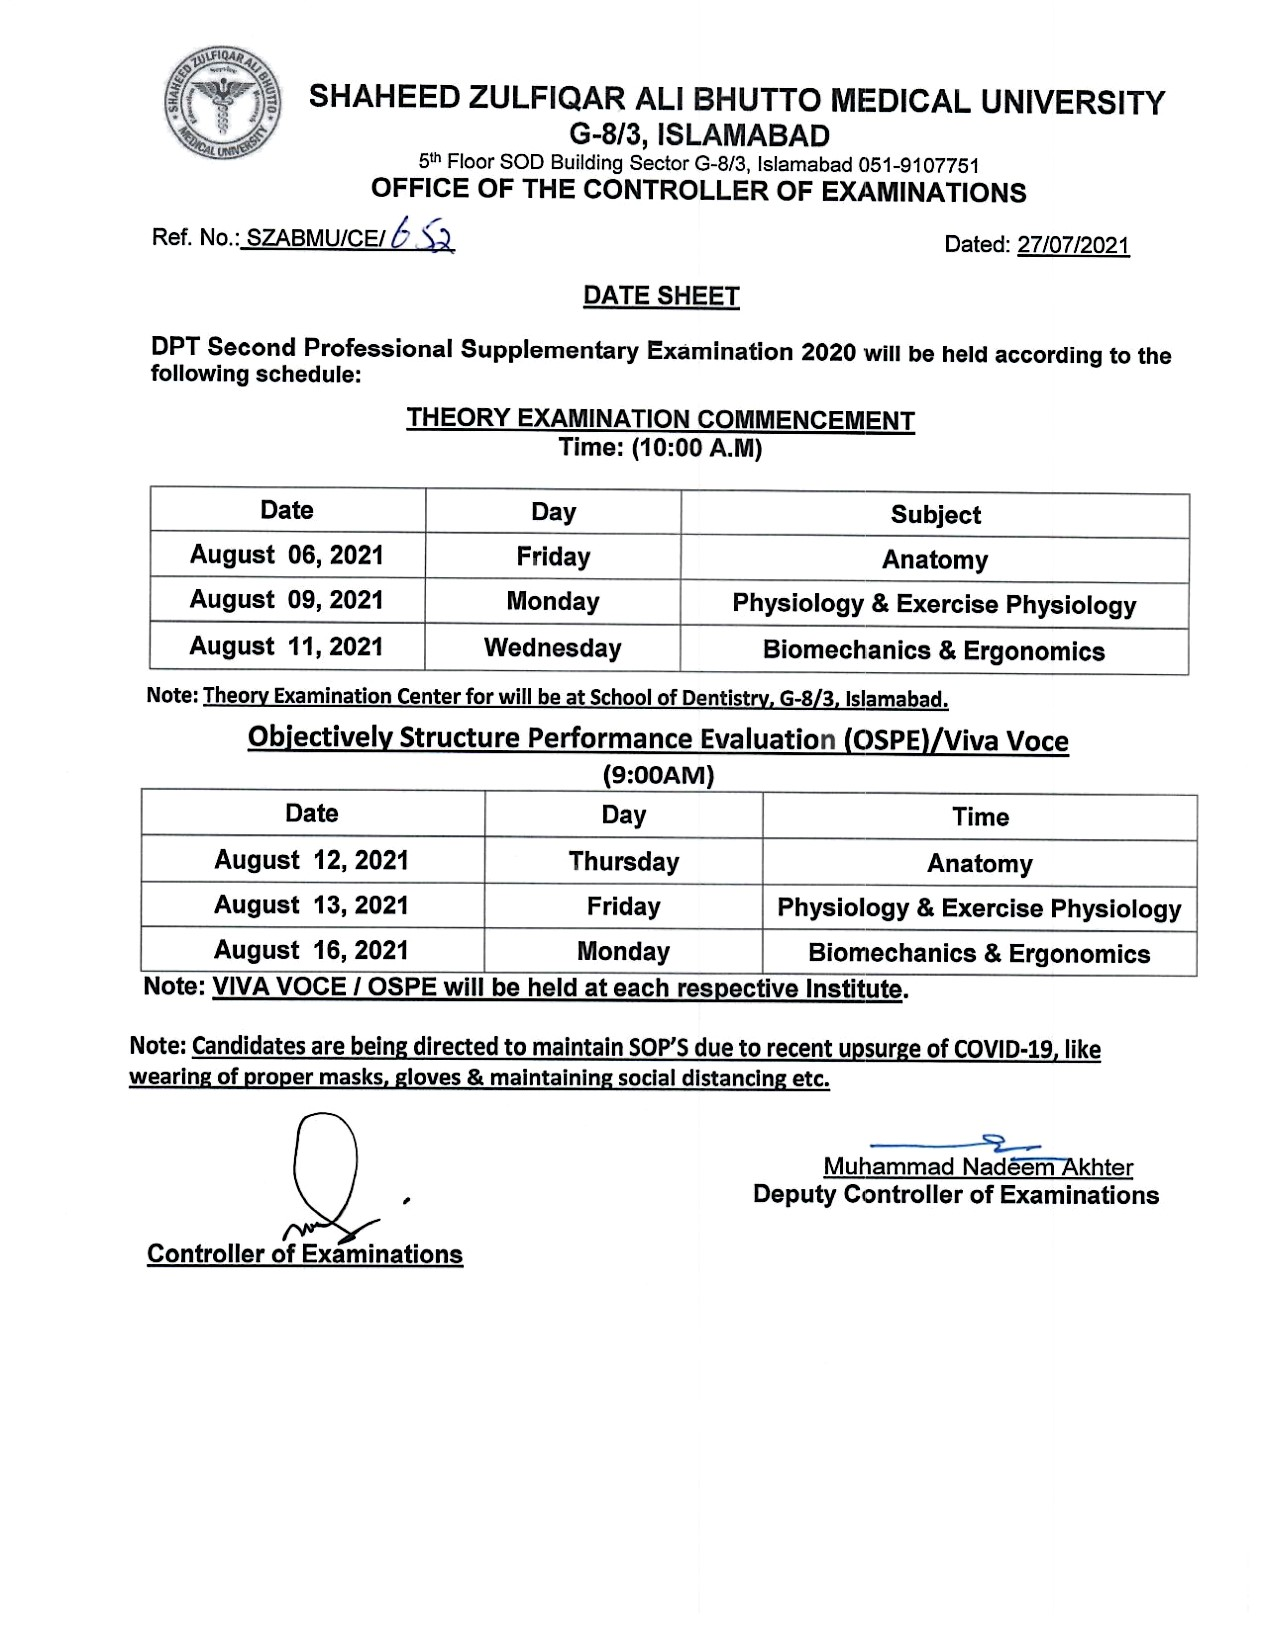 Date Sheet - DPT Supplementary Examination 2020